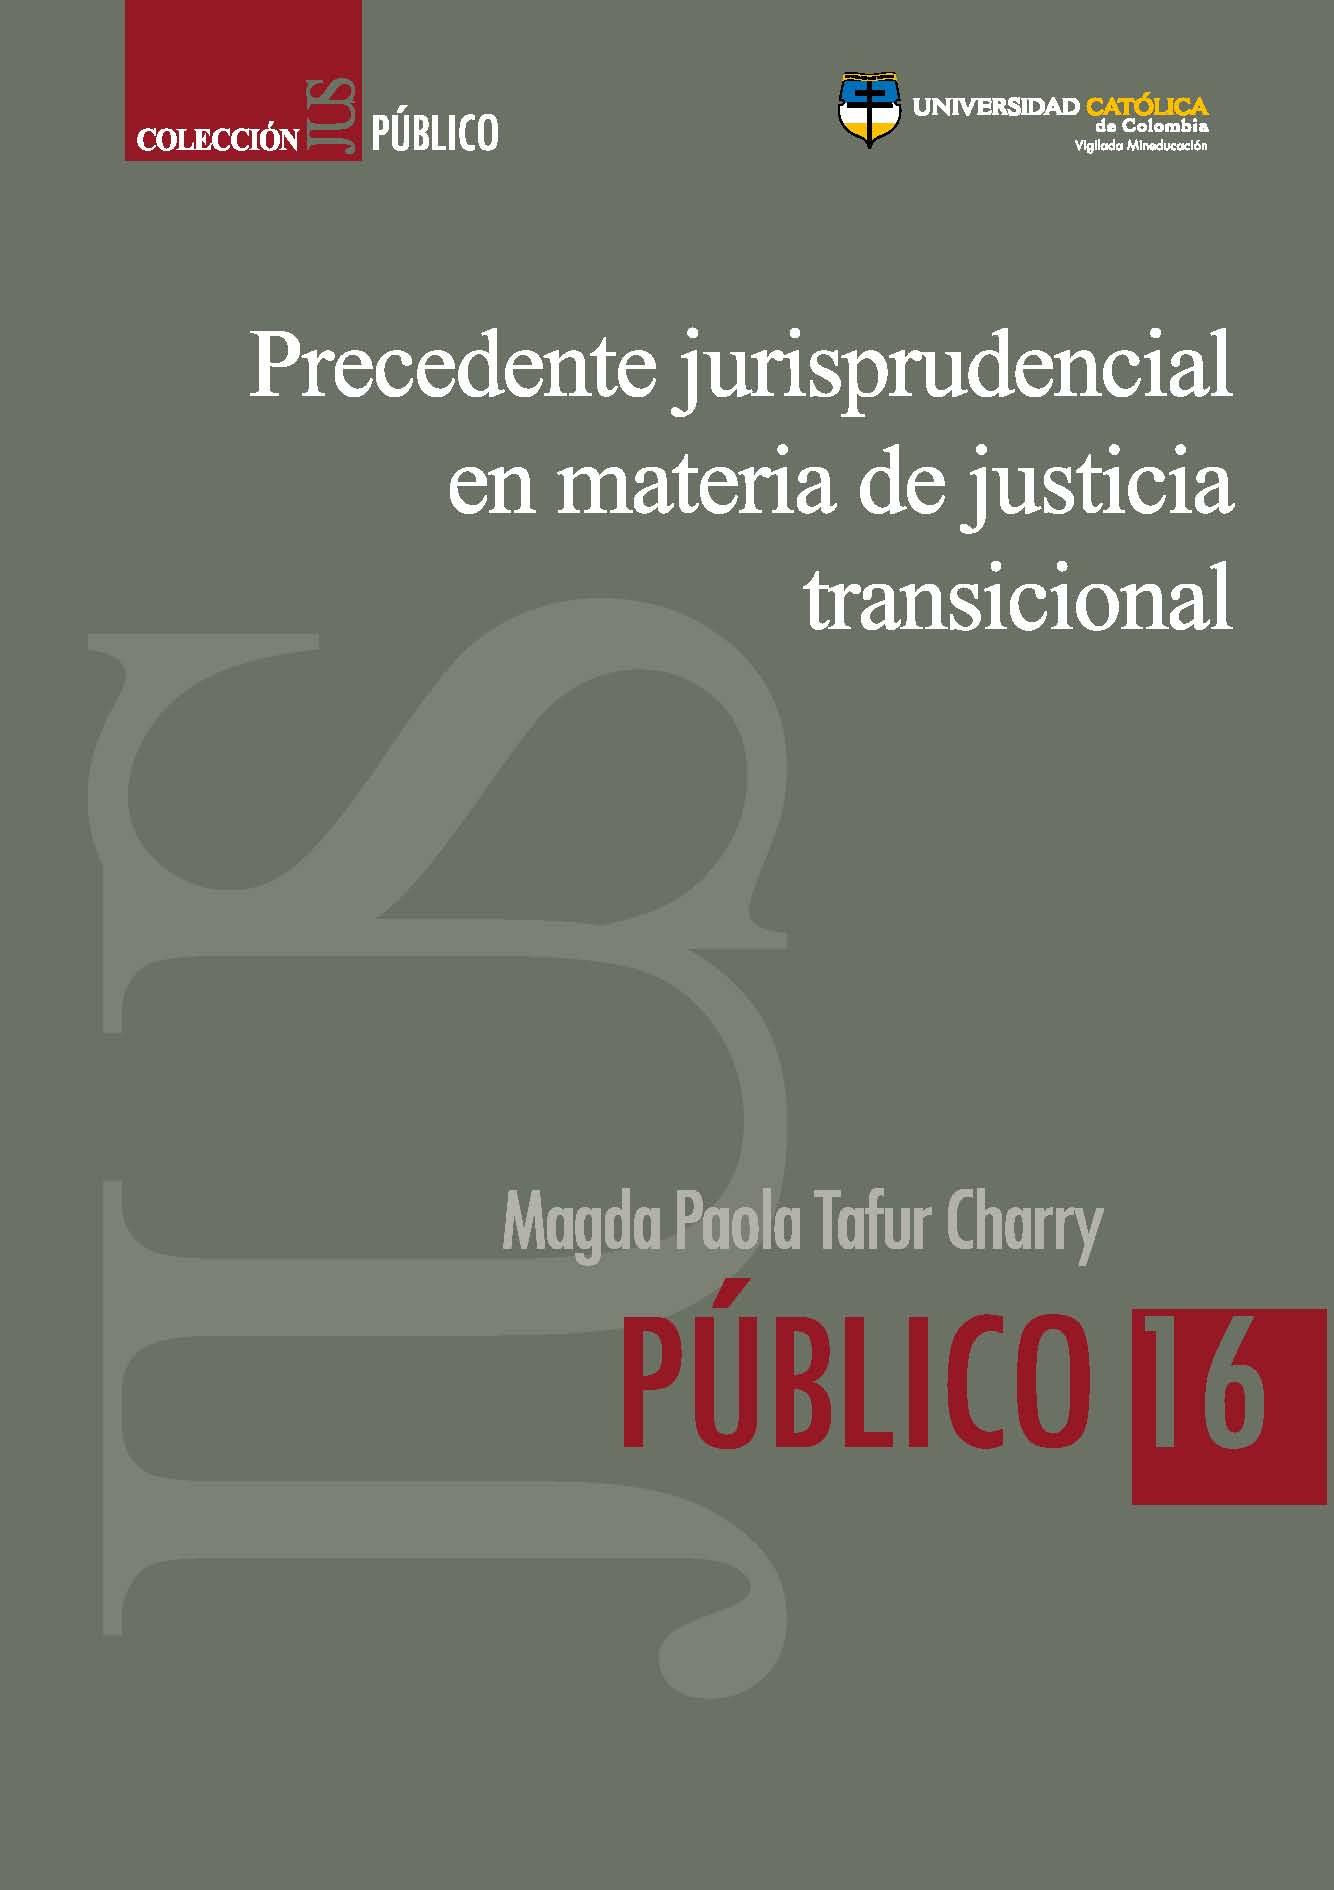 Precedente jurisprudencial en materia de justicia transicional